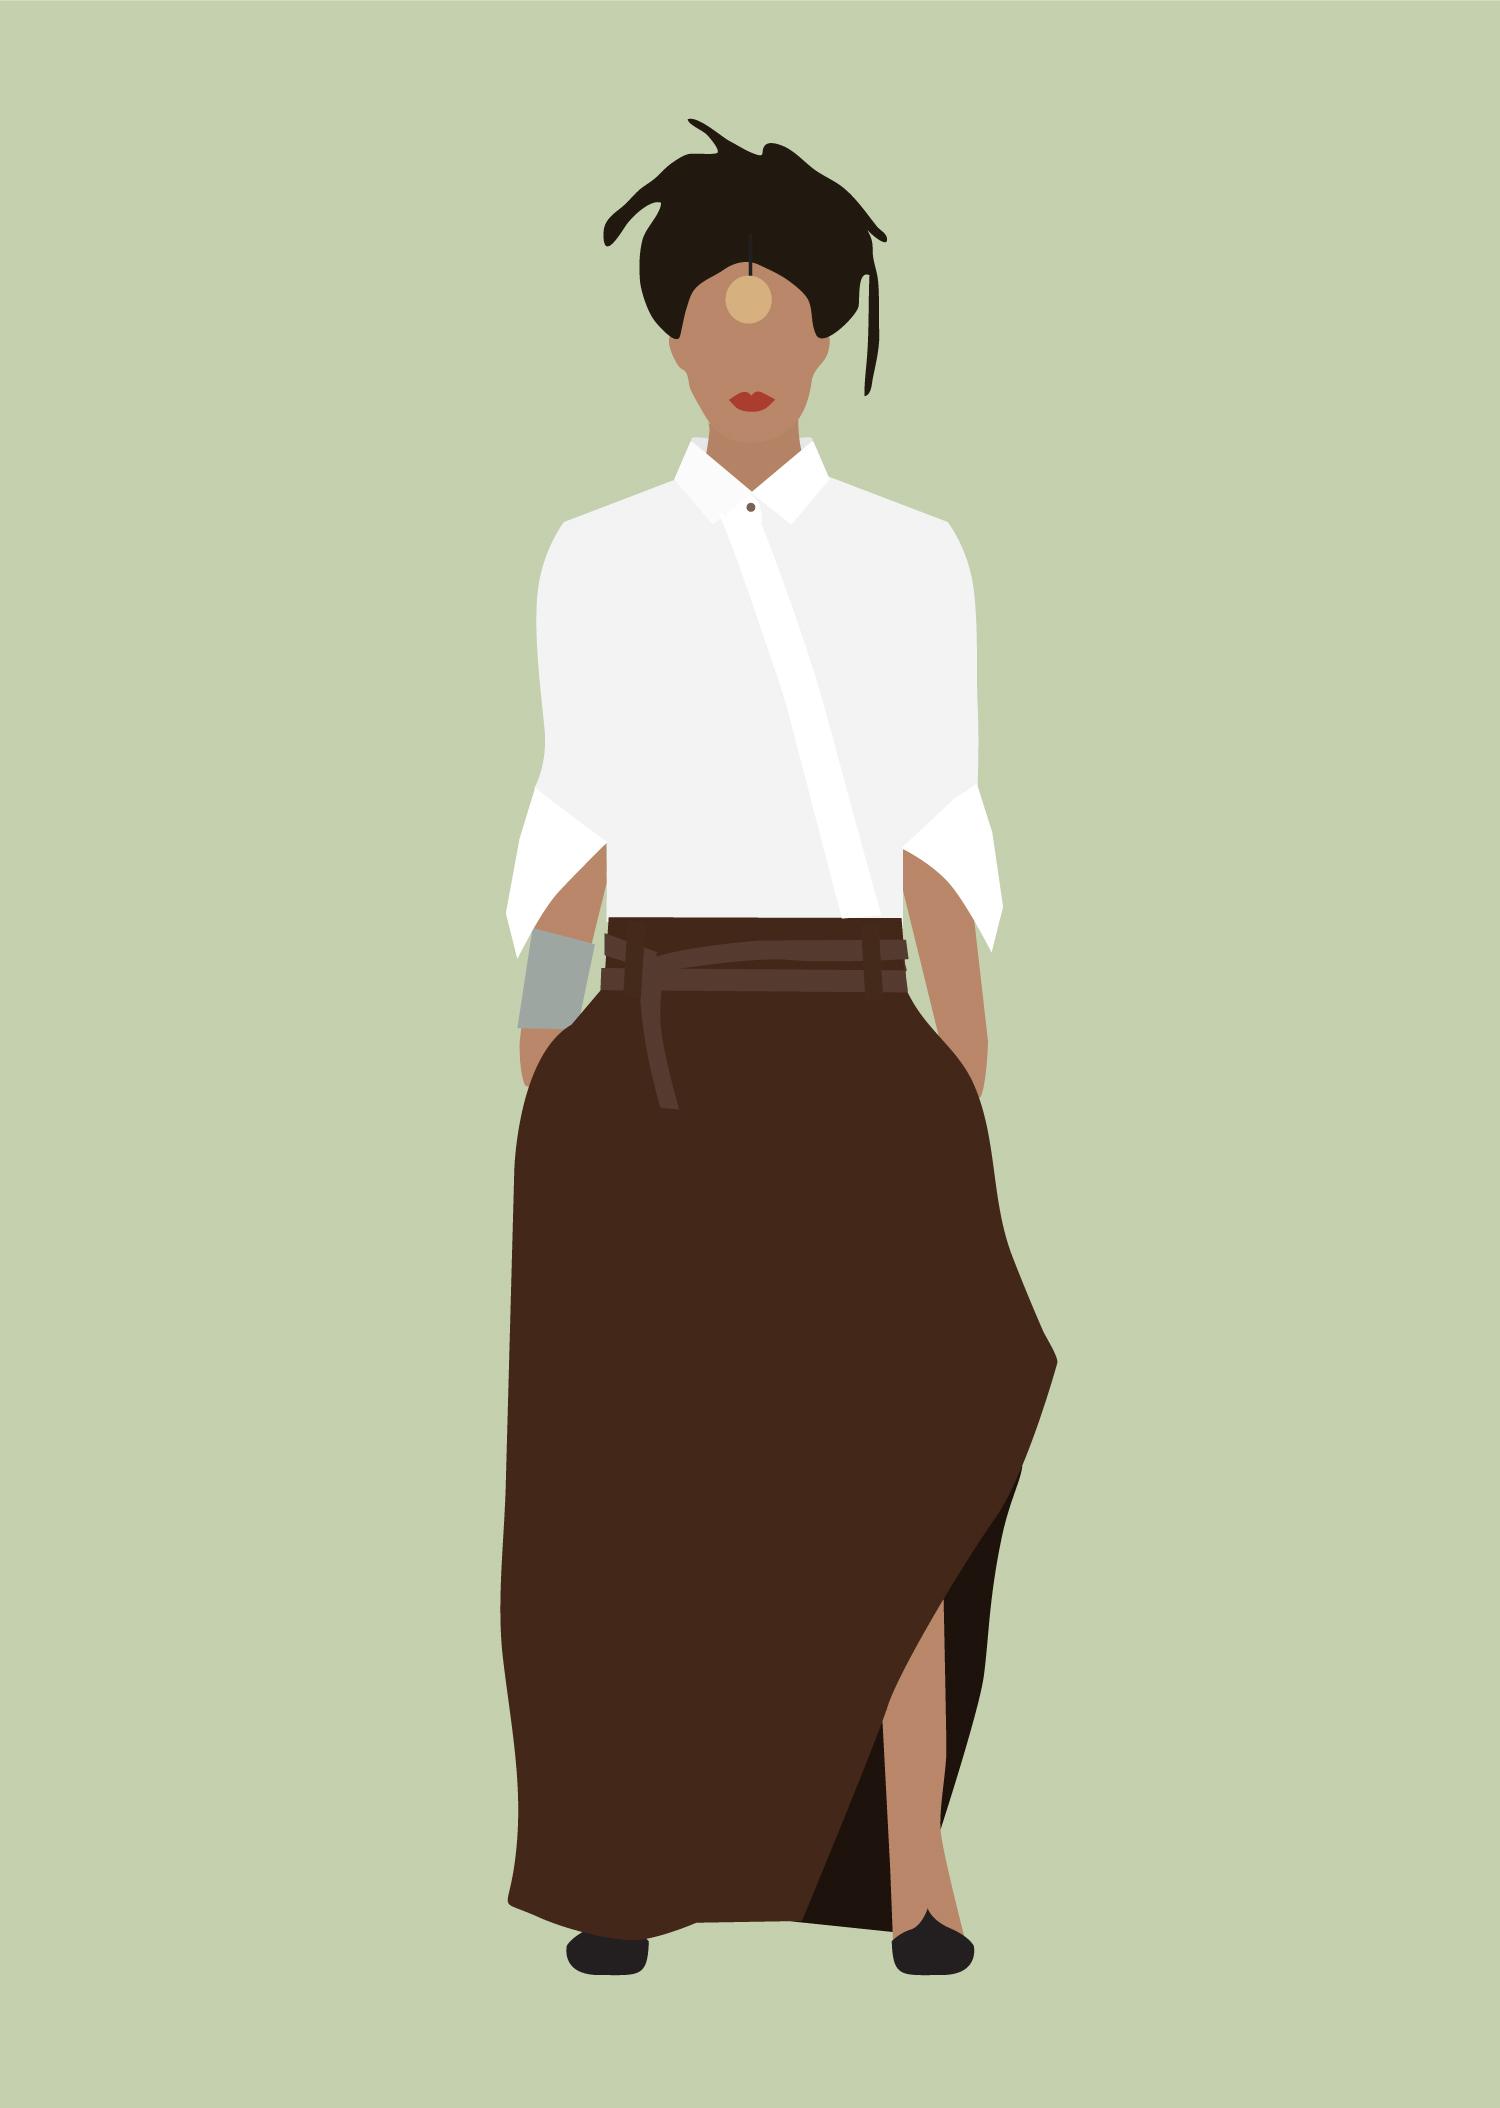 bound-shweta-malhotra-fashion-4.jpg